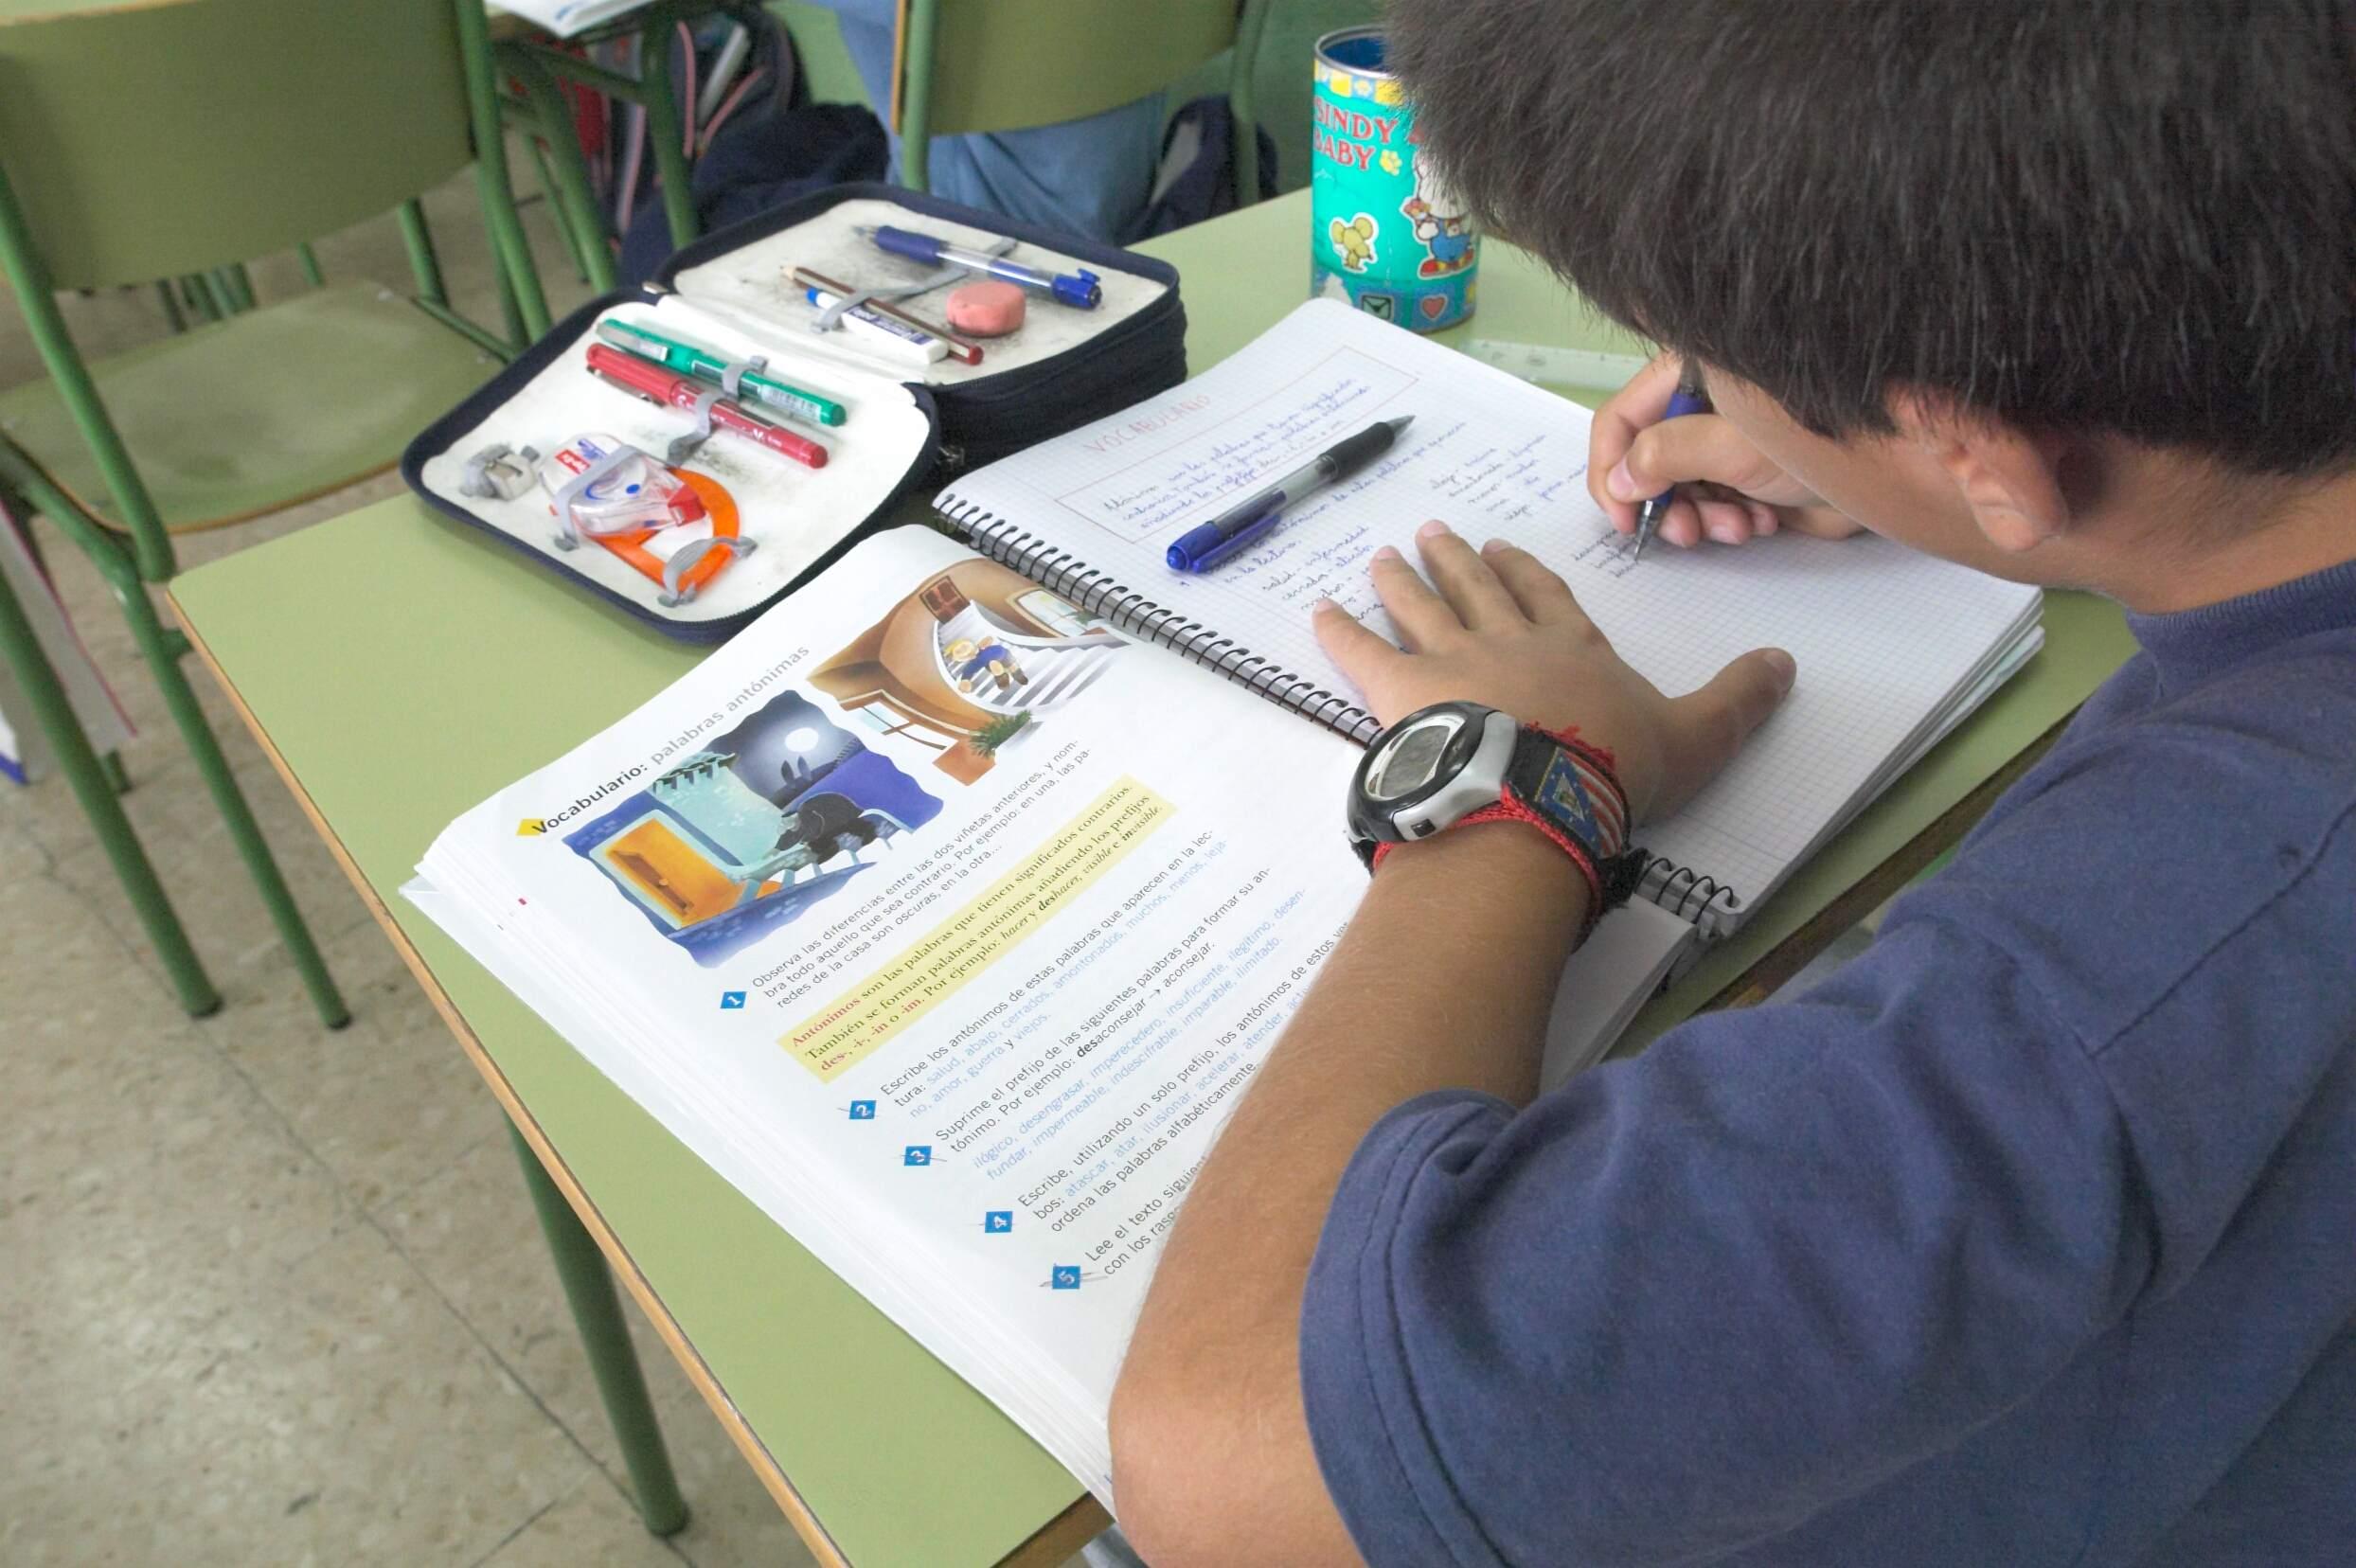 libros_estudante